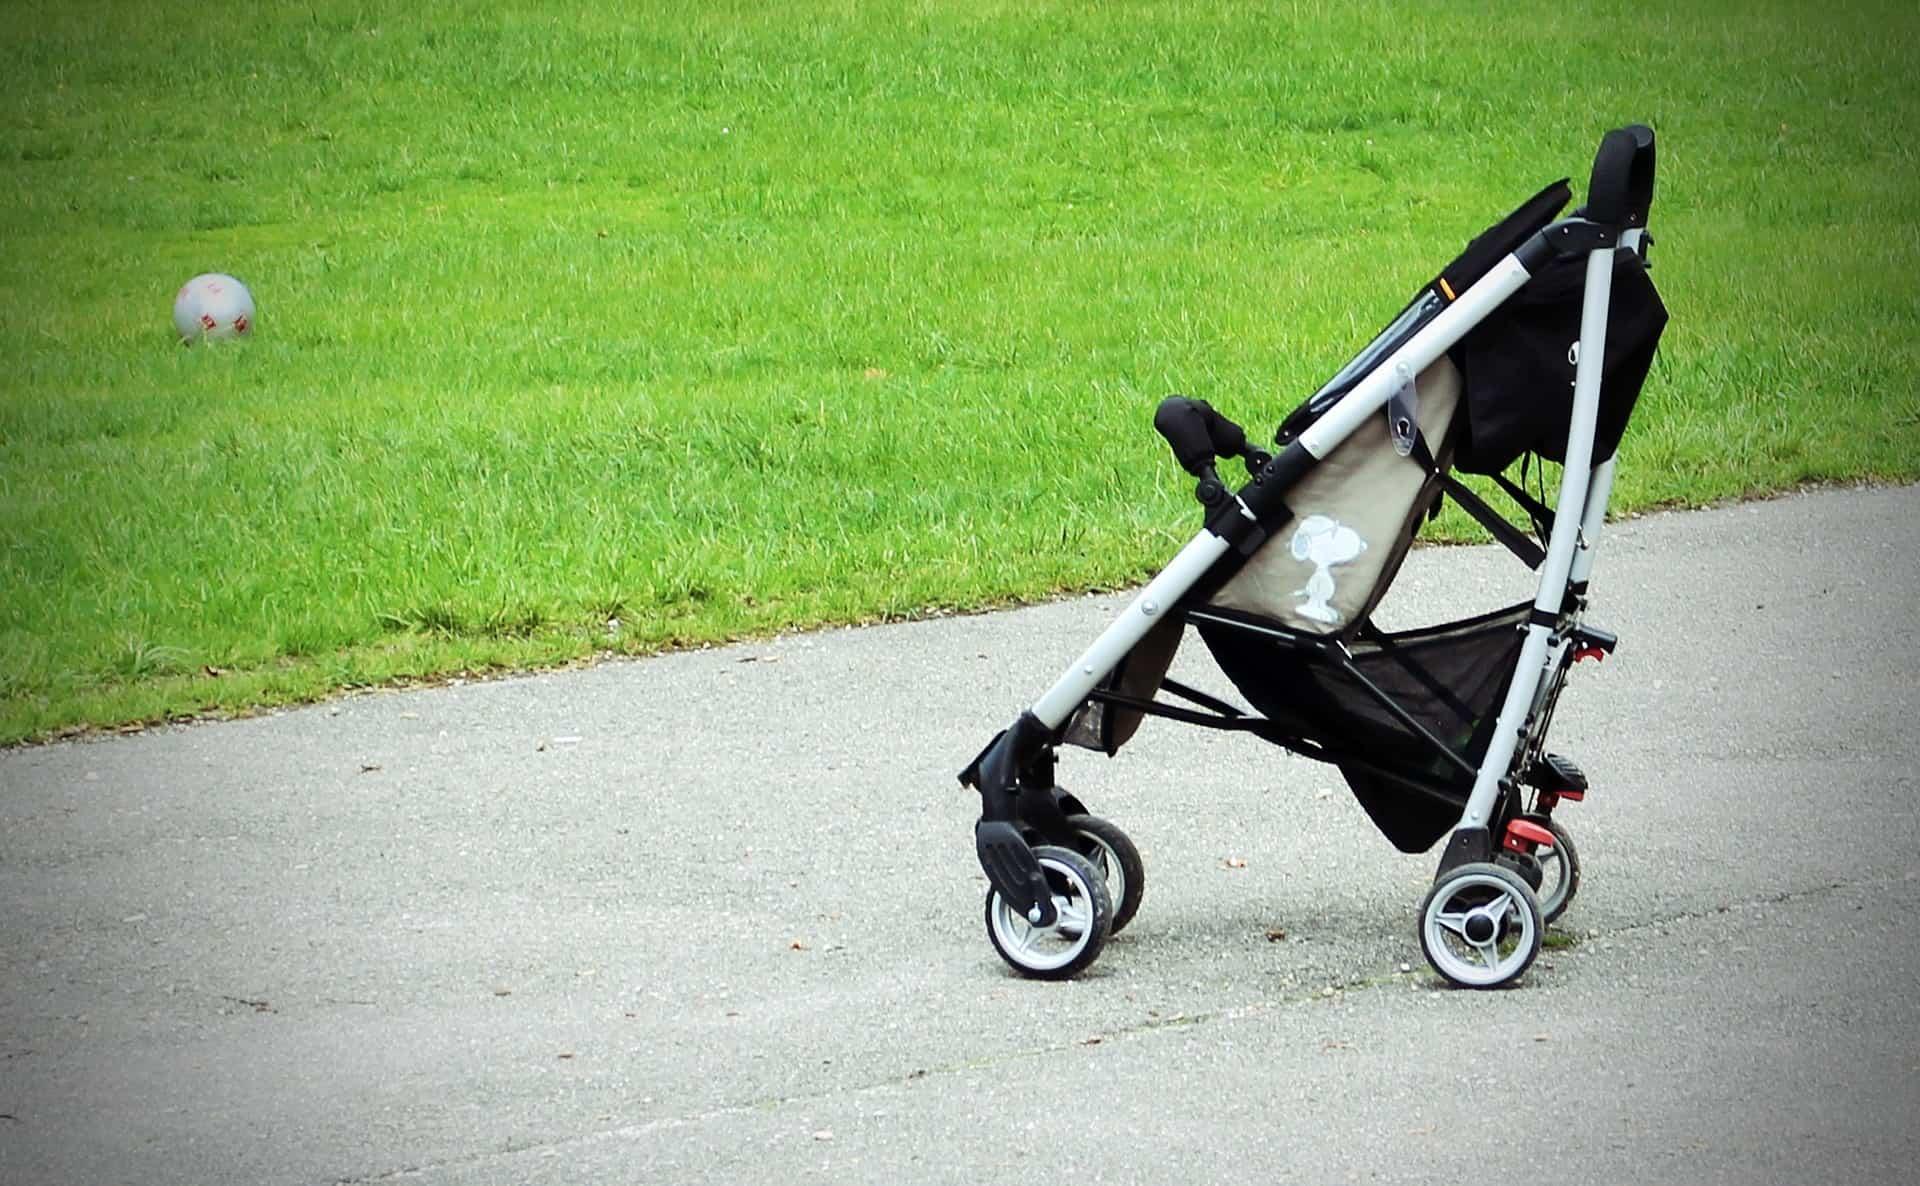 Imagem de um carrinho de bebê perto do gramado.